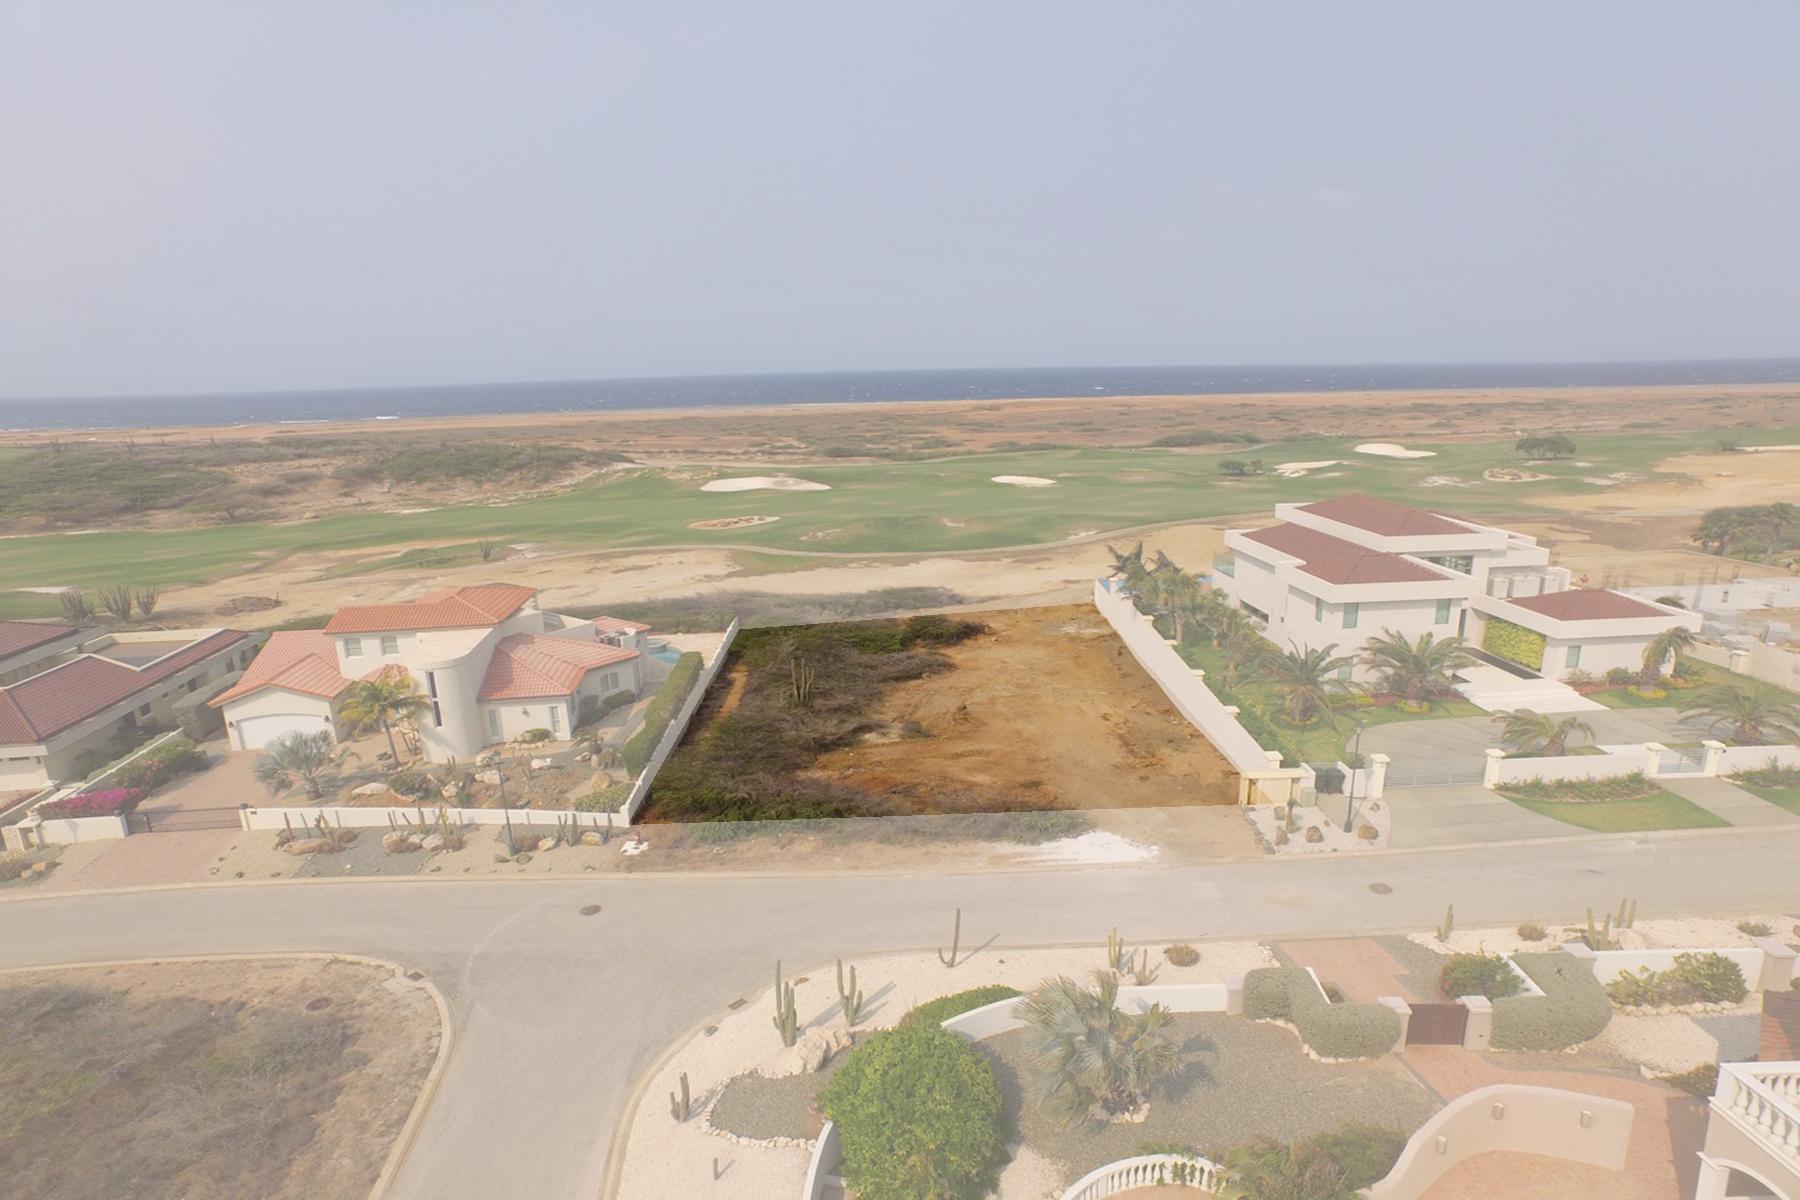 Land for Sale at La Colina 9 Malmok, Aruba Aruba